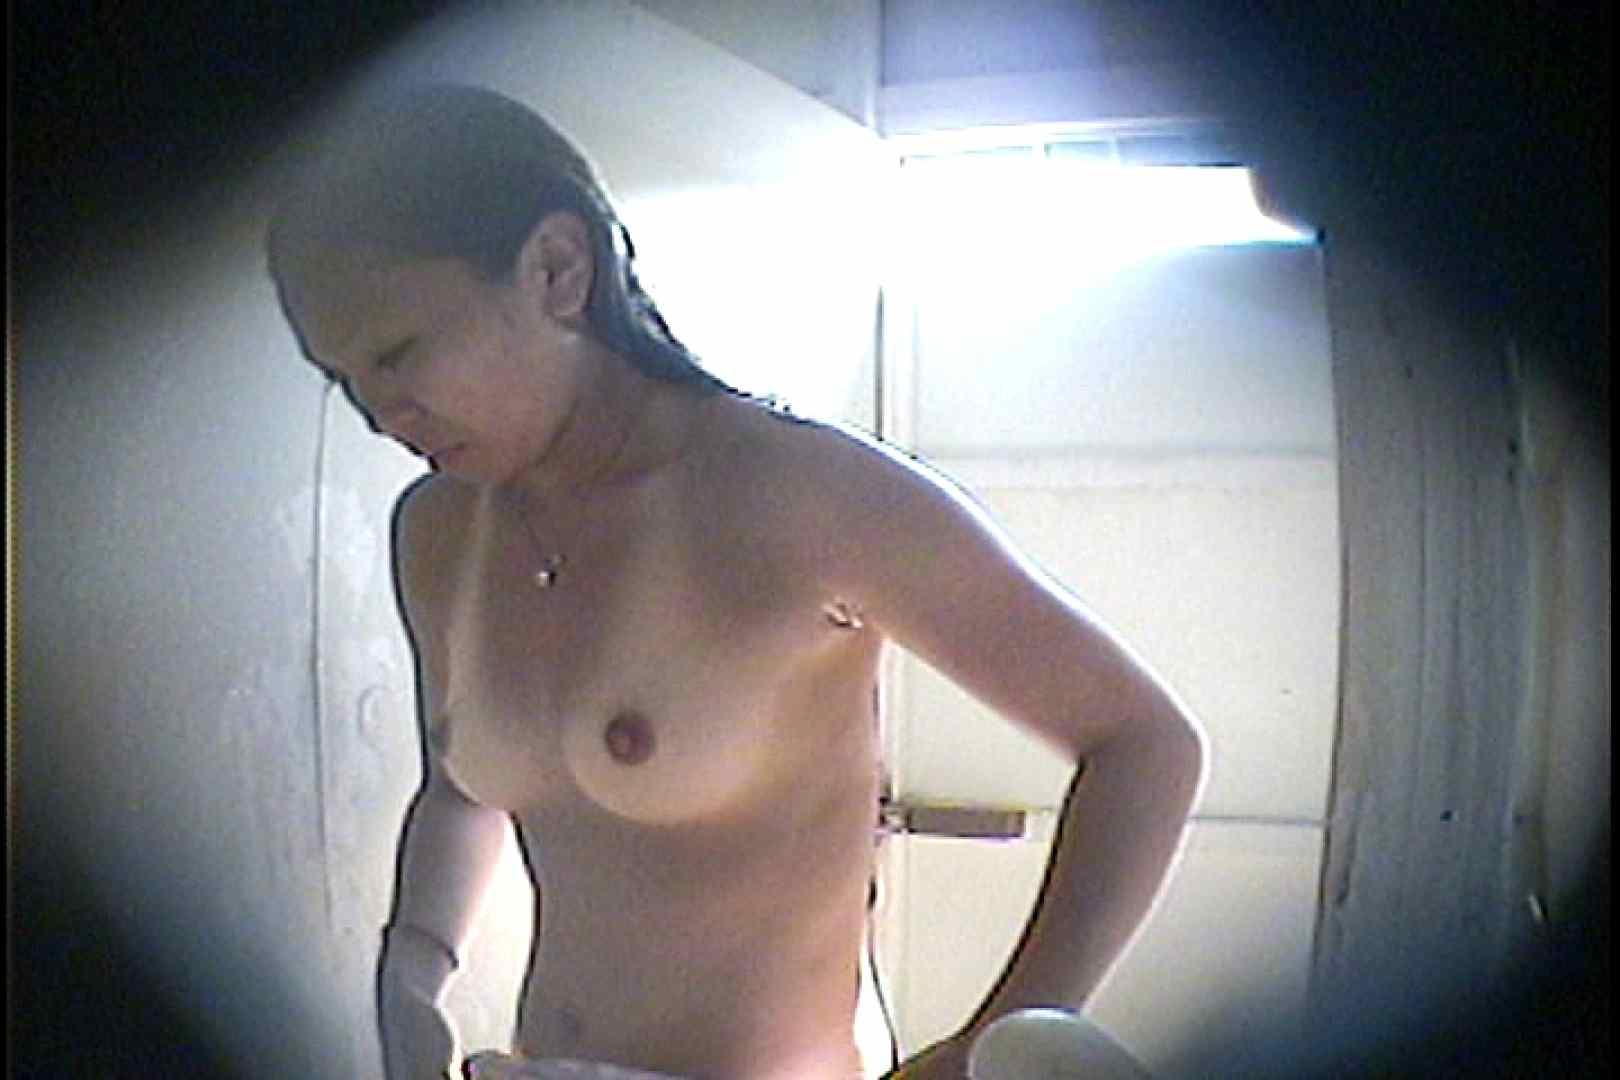 海の家の更衣室 Vol.26 美女達のヌード   シャワー中  70連発 45